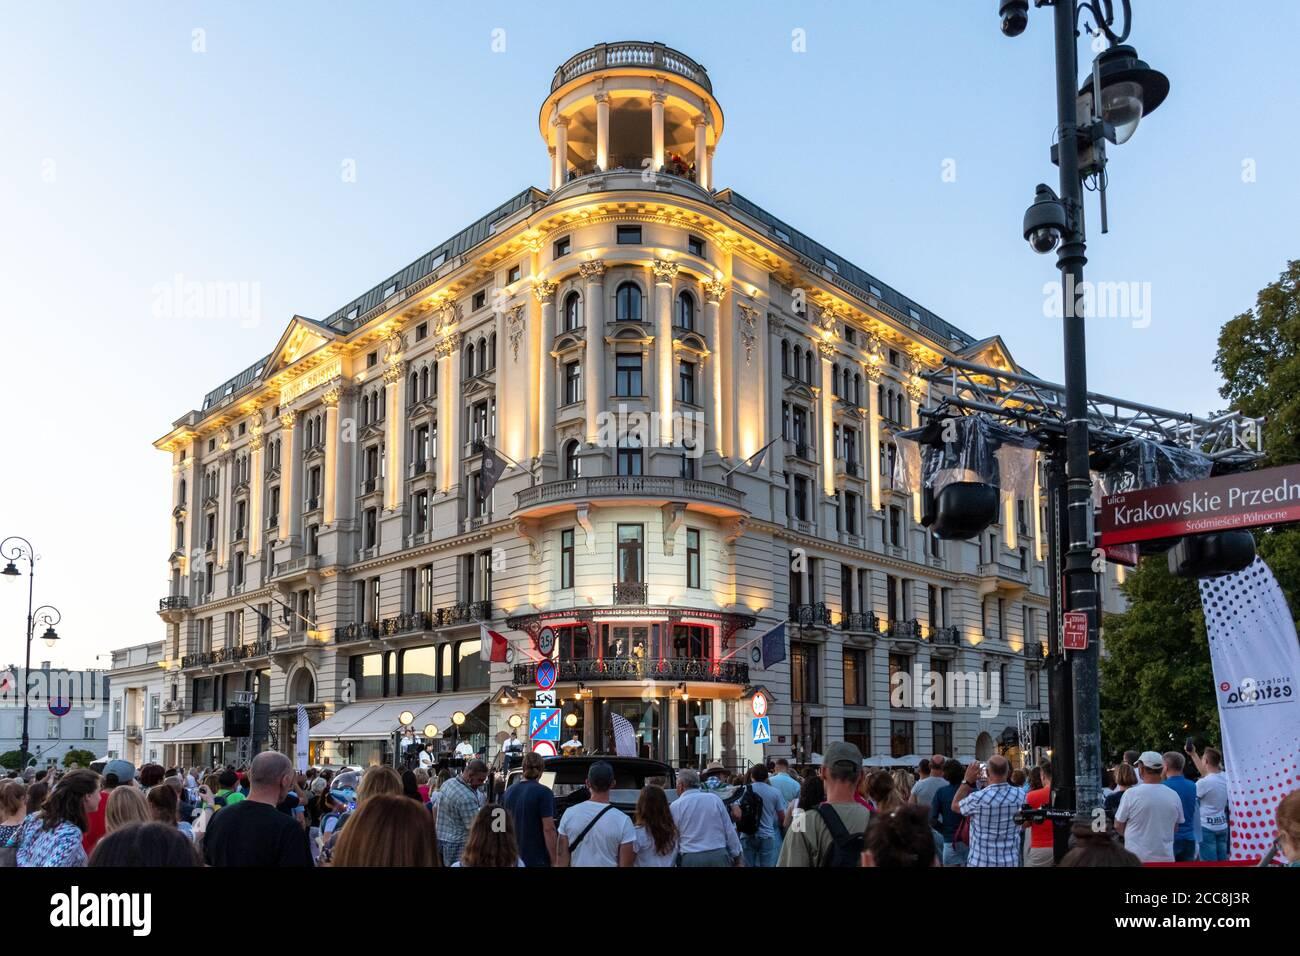 Varsovie, Pologne - 15 août 2020 : vue sur l'hôtel Bristol. Un événement artistique a lieu en face de l'hôtel et sur l'un des balcons. Banque D'Images